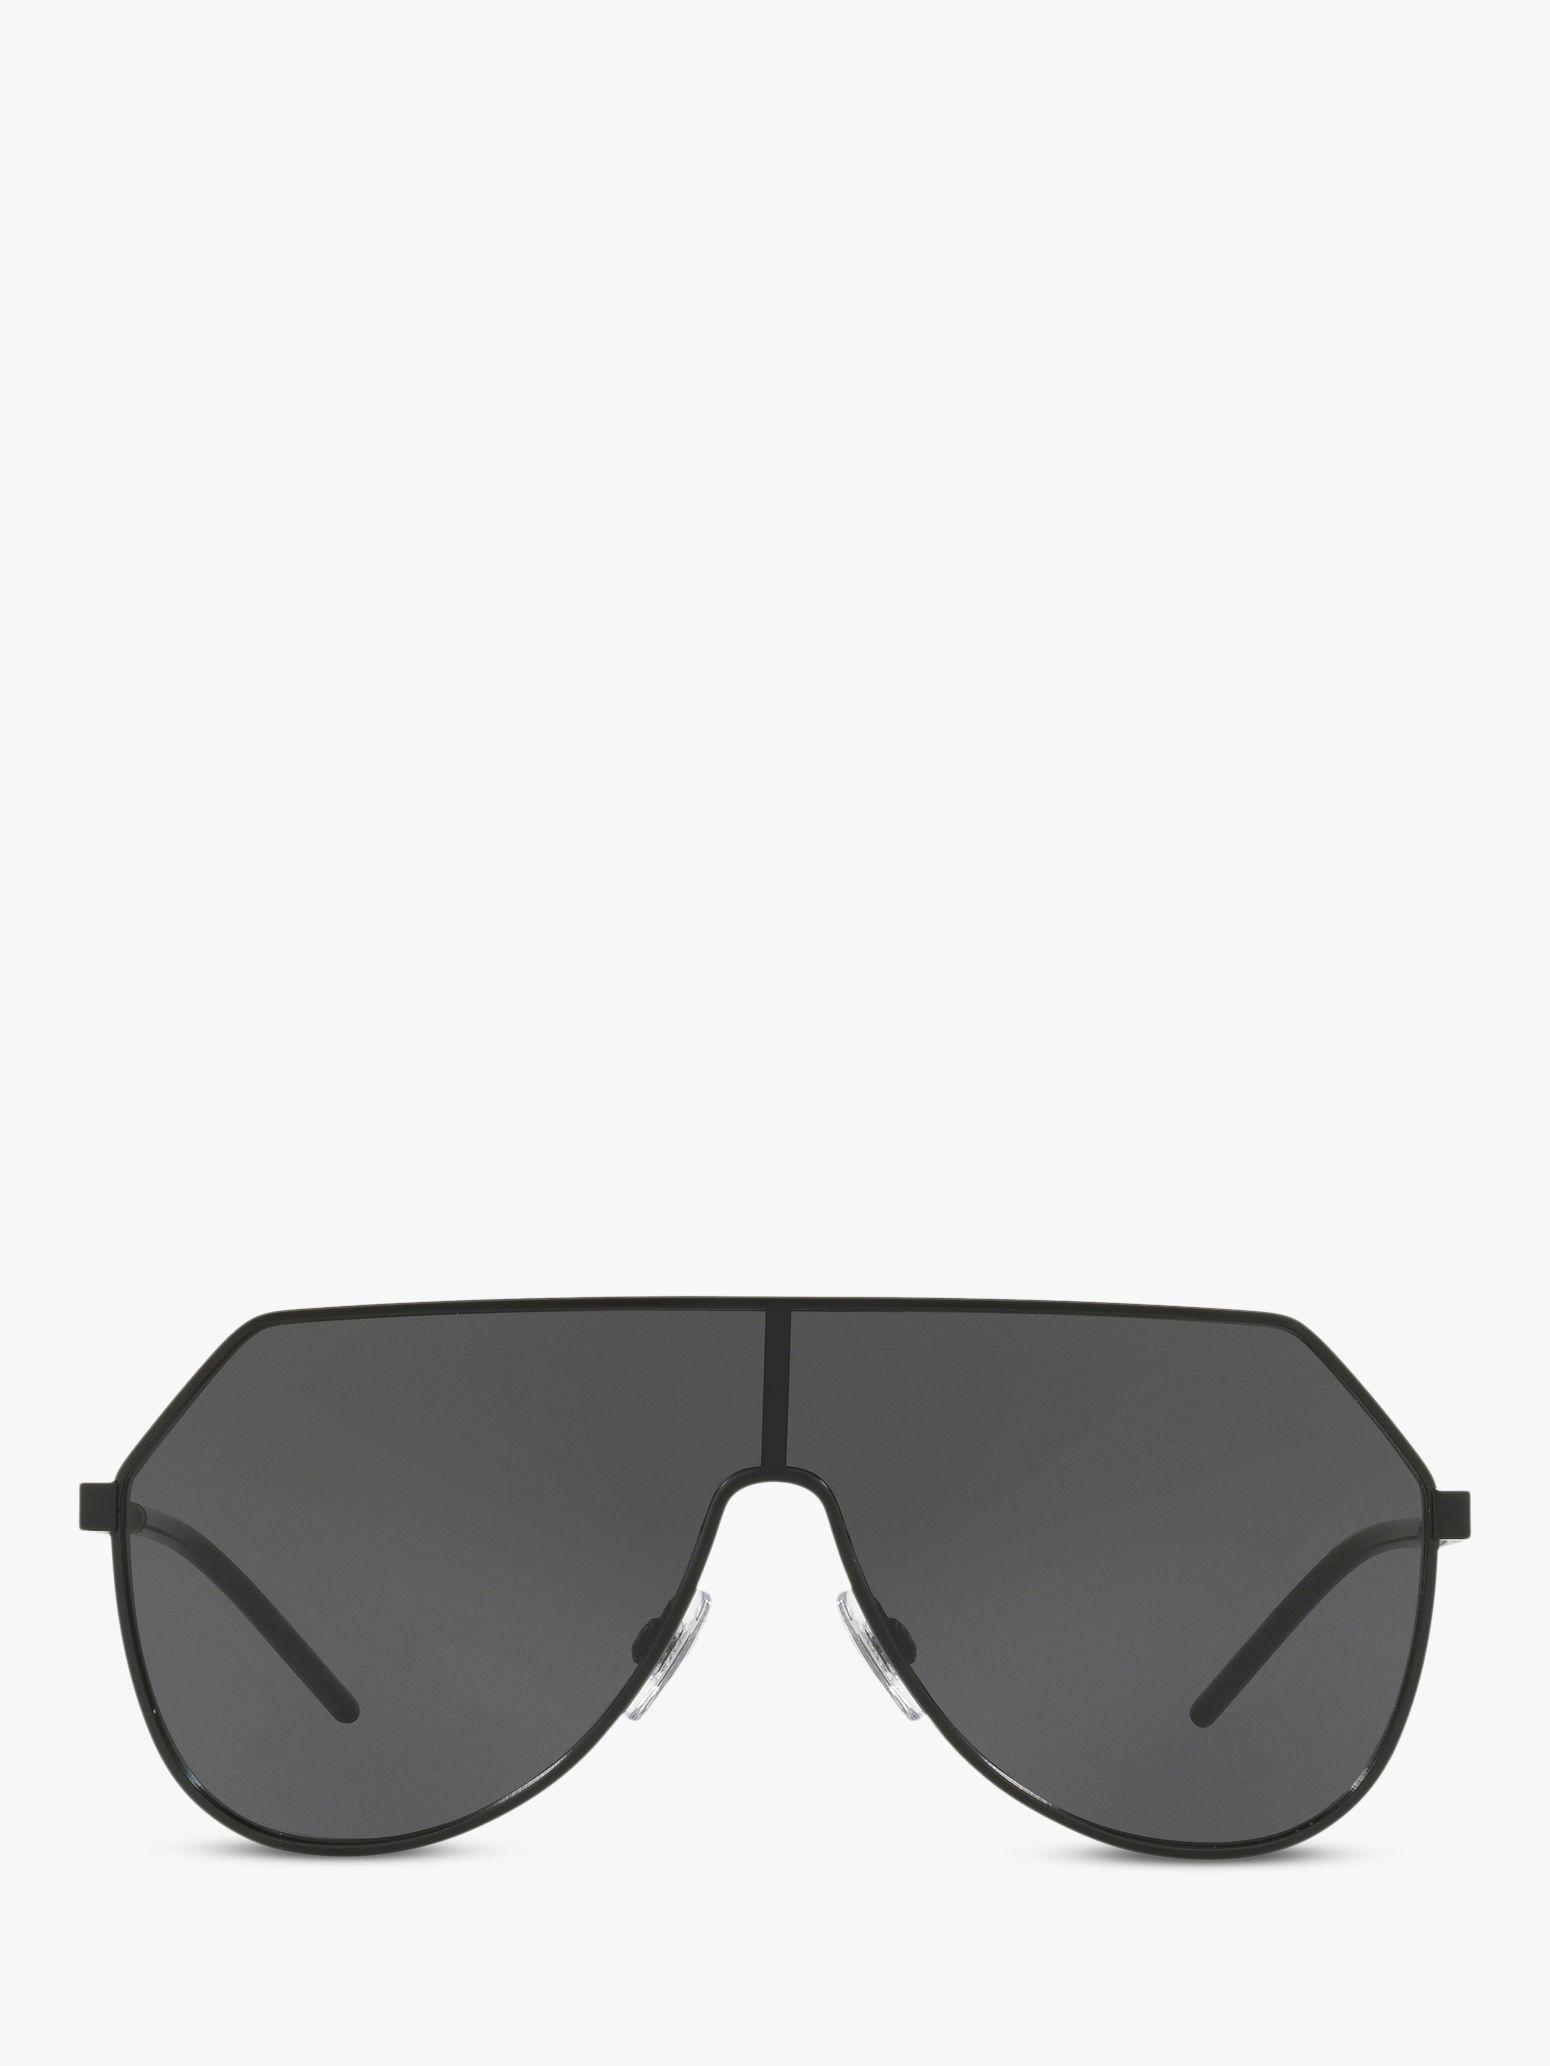 198ecd9717b4b Dolce   Gabbana - Black Dg2221 Men s Aviator Sunglasses for Men - Lyst.  View fullscreen